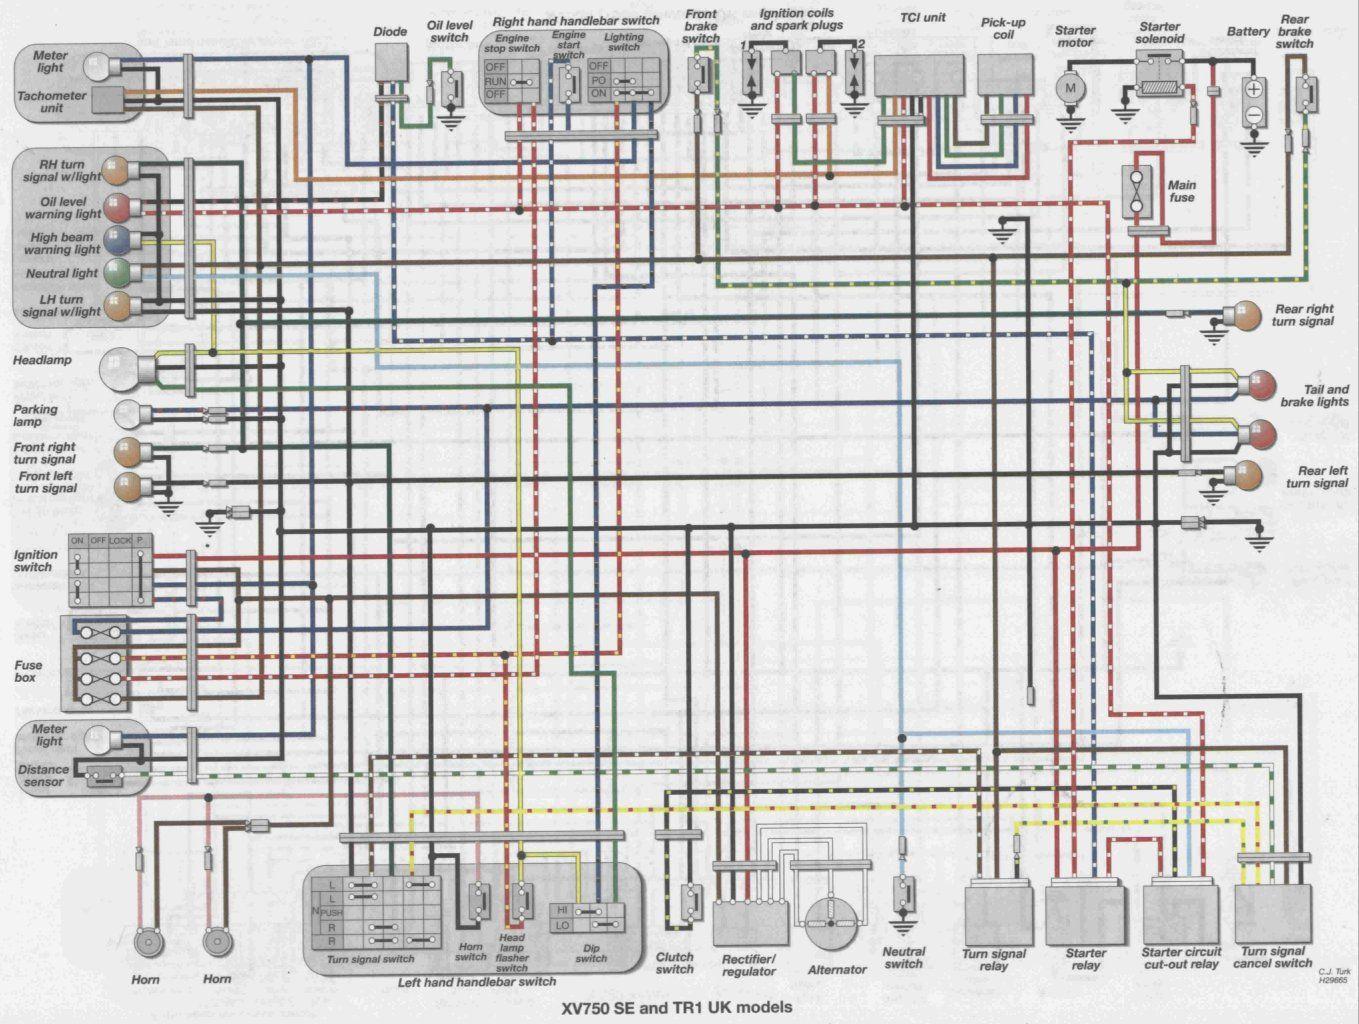 84 Virago 700 Wiring Diagram